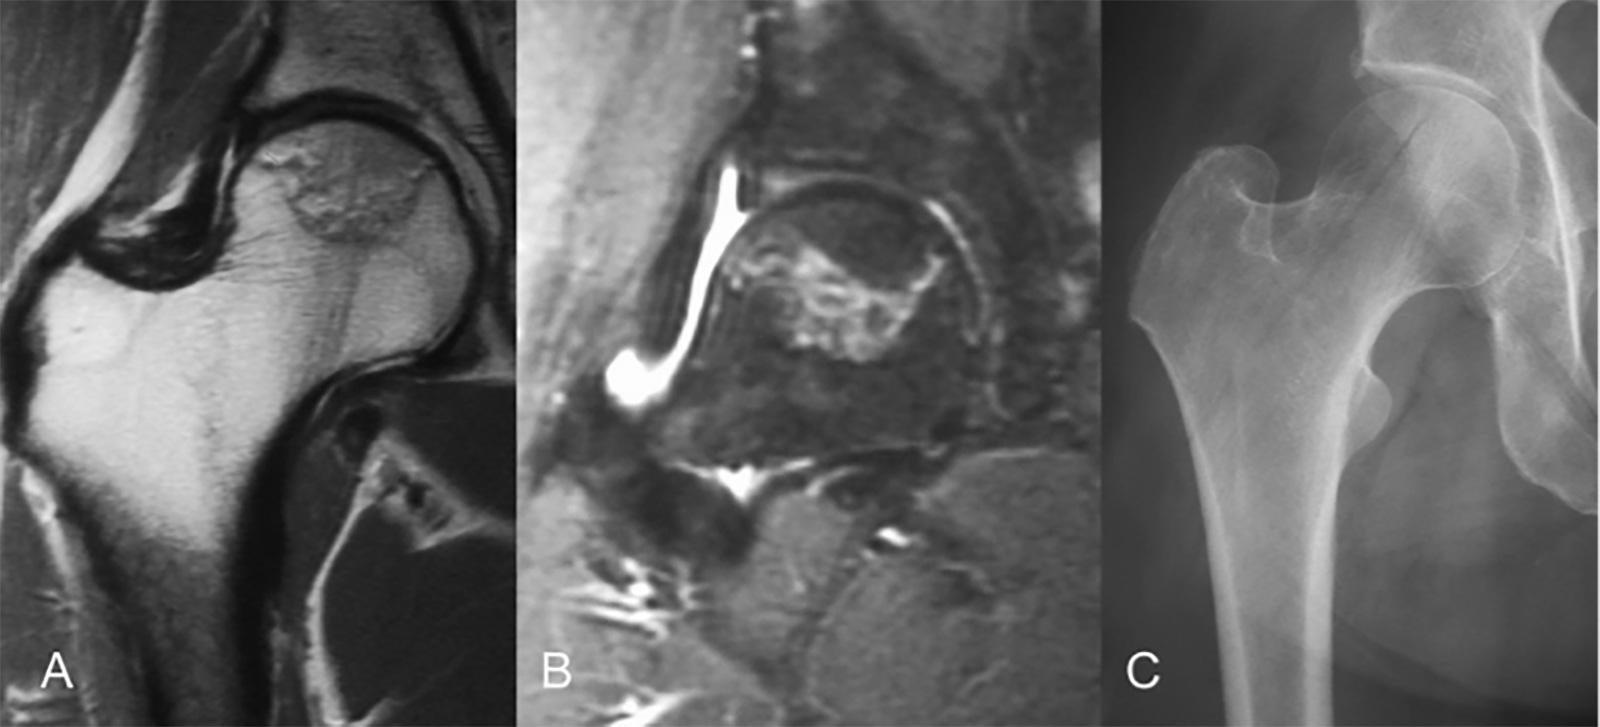 Abb. 1-2: MRT und Röntgenbild einer Osteonekrose Stadium 2A nach Ficat